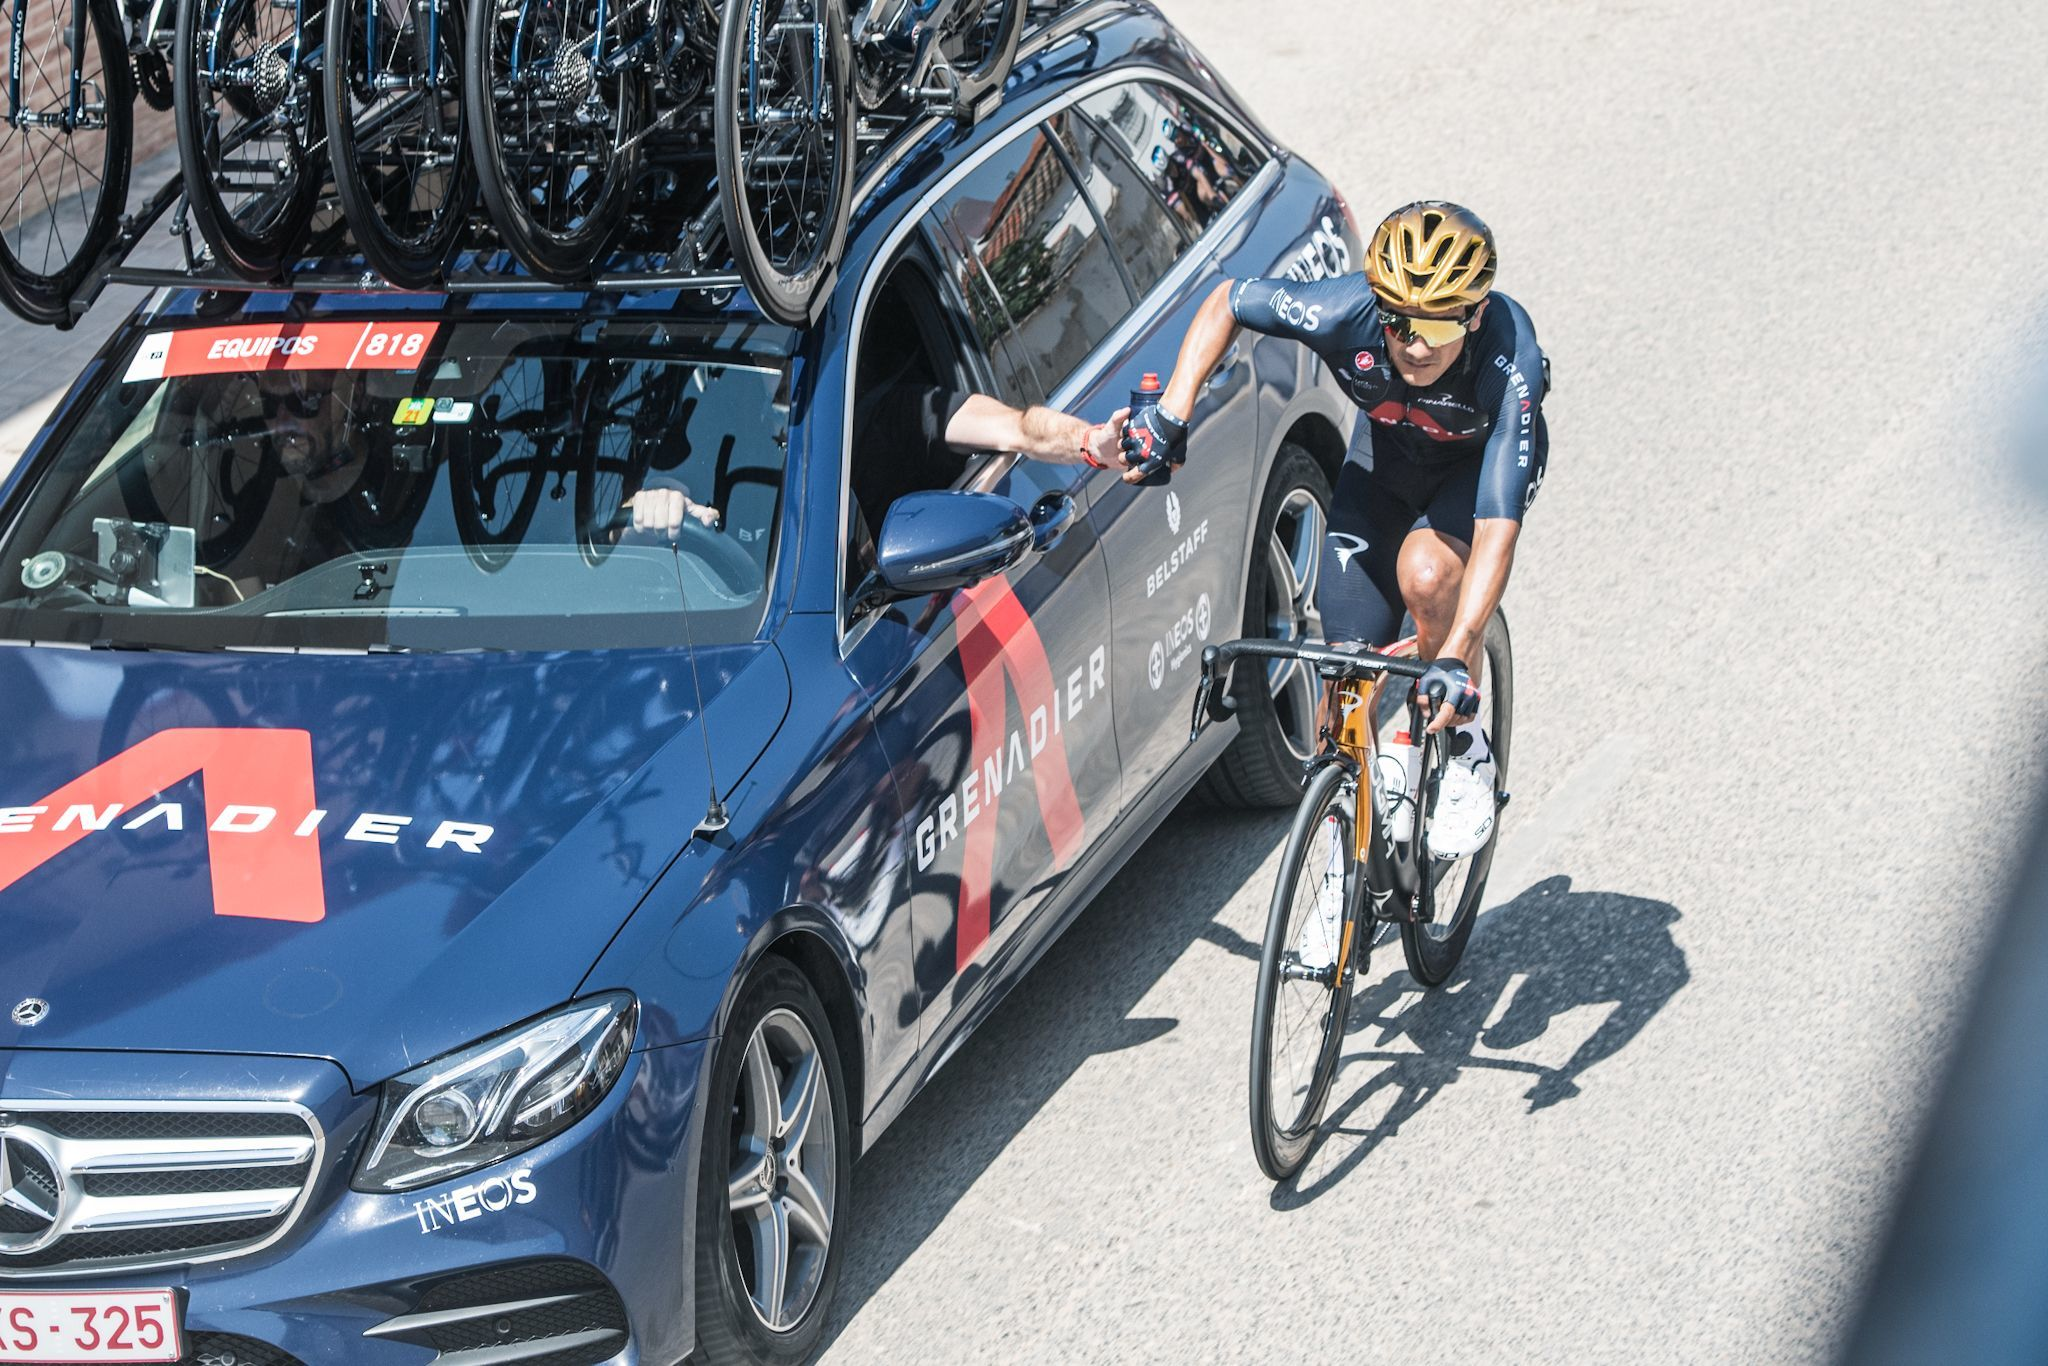 El campeón olímpico Richard Carapaz recibe asistencia del Mercedes de su equipo.